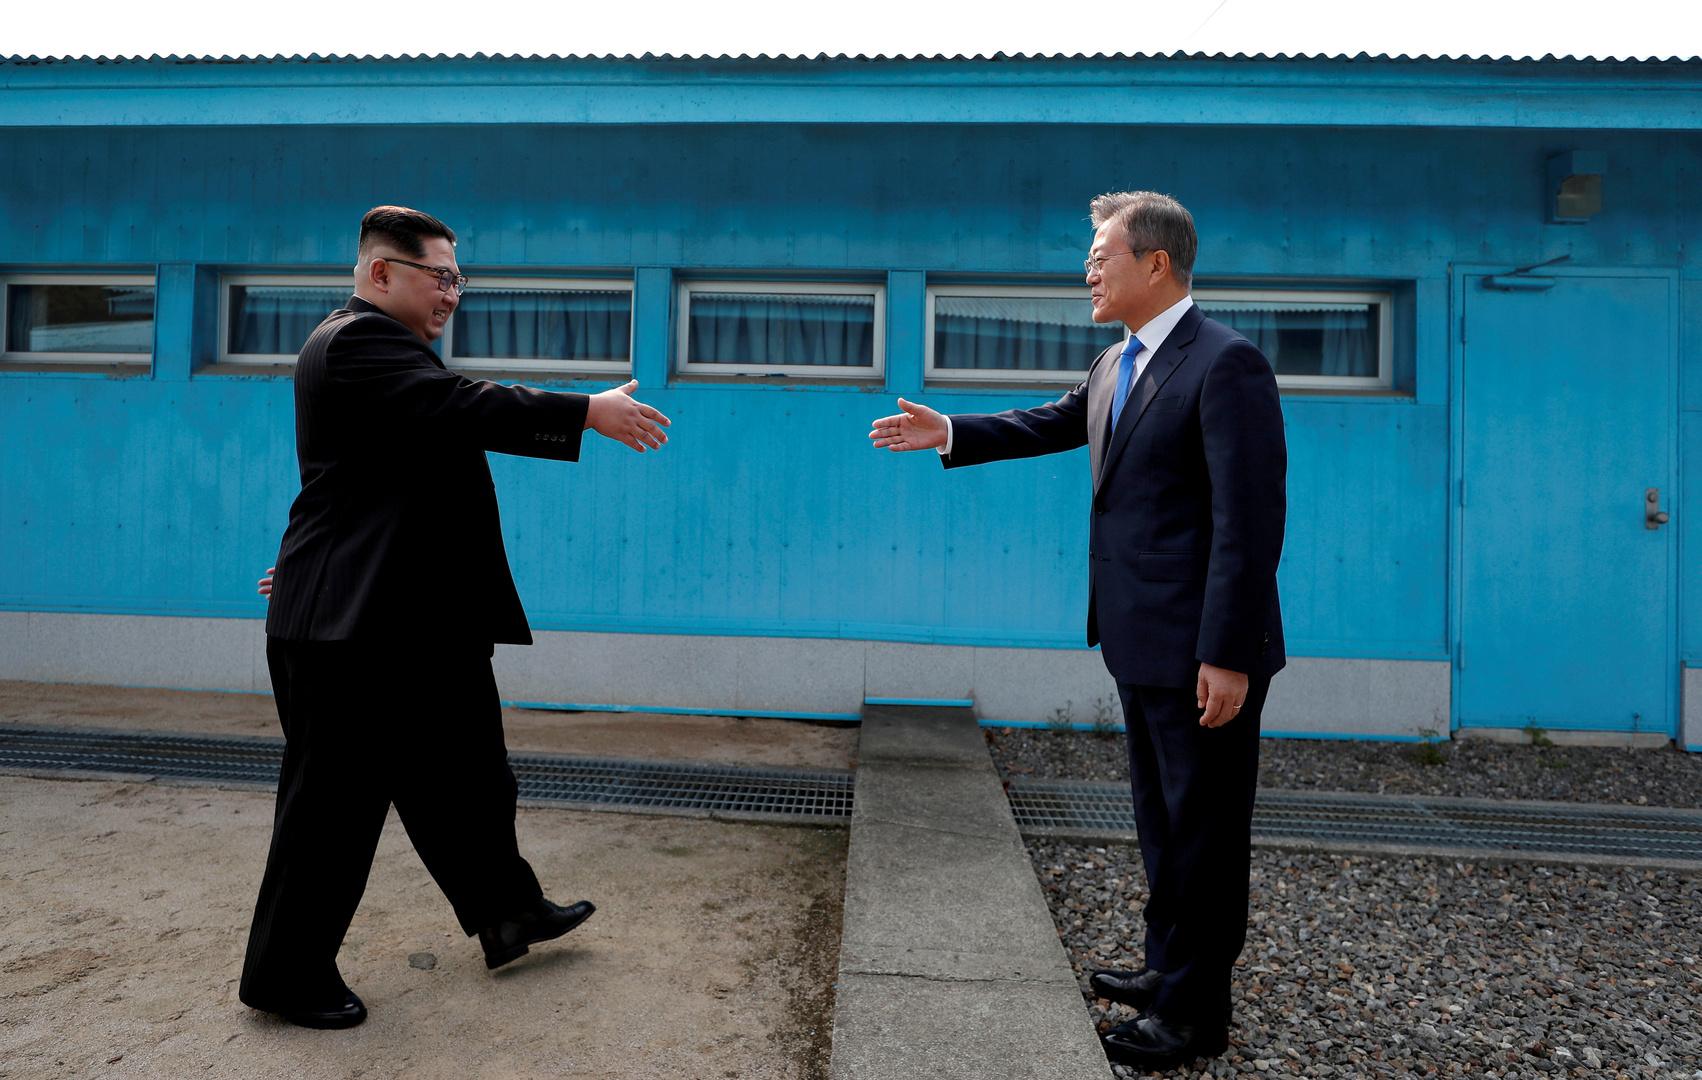 كيم ومون خلال المصافحة التاريخية في المنطقة منزوعة السلاح